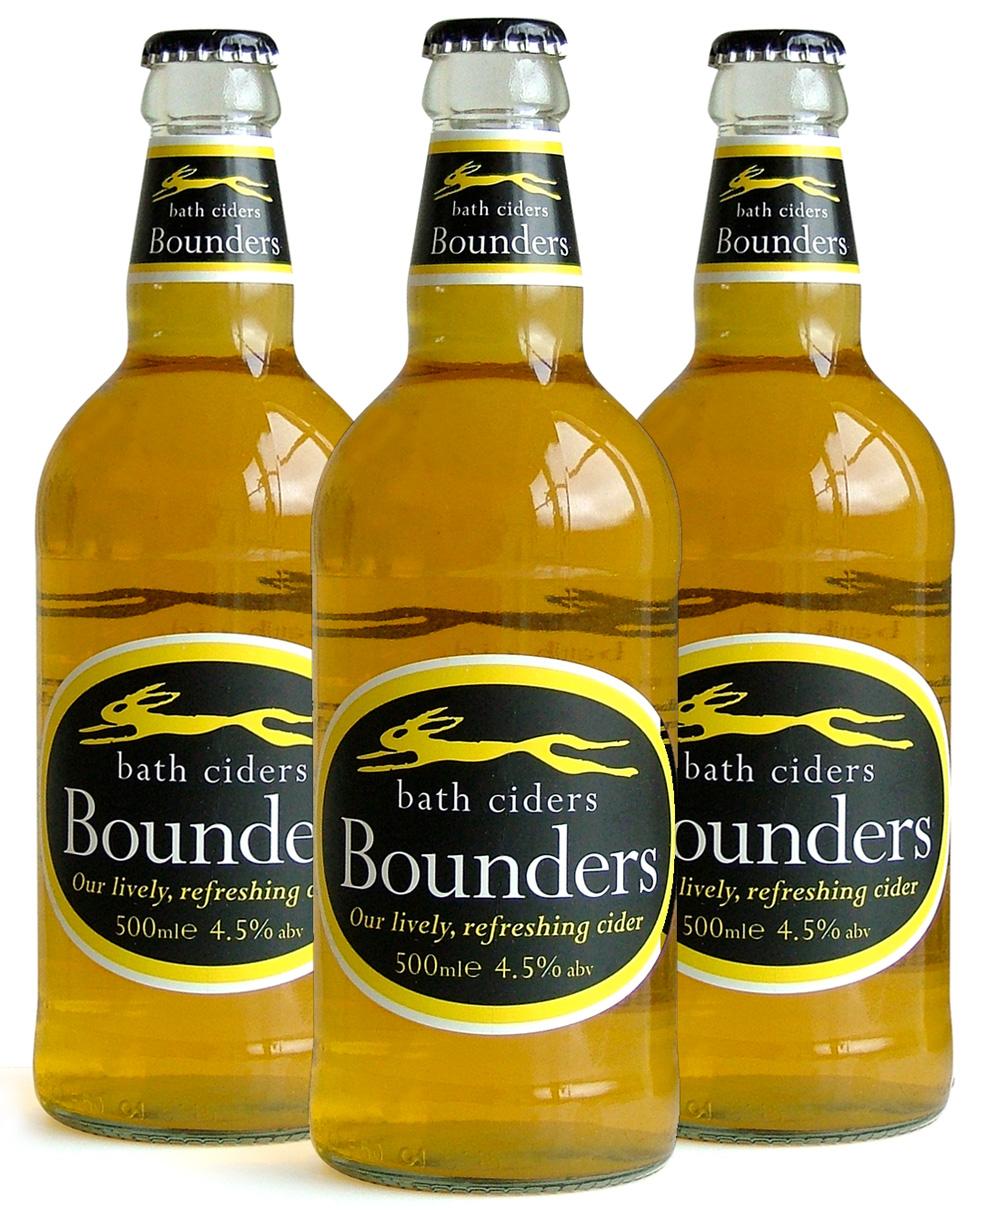 Bounders bottles